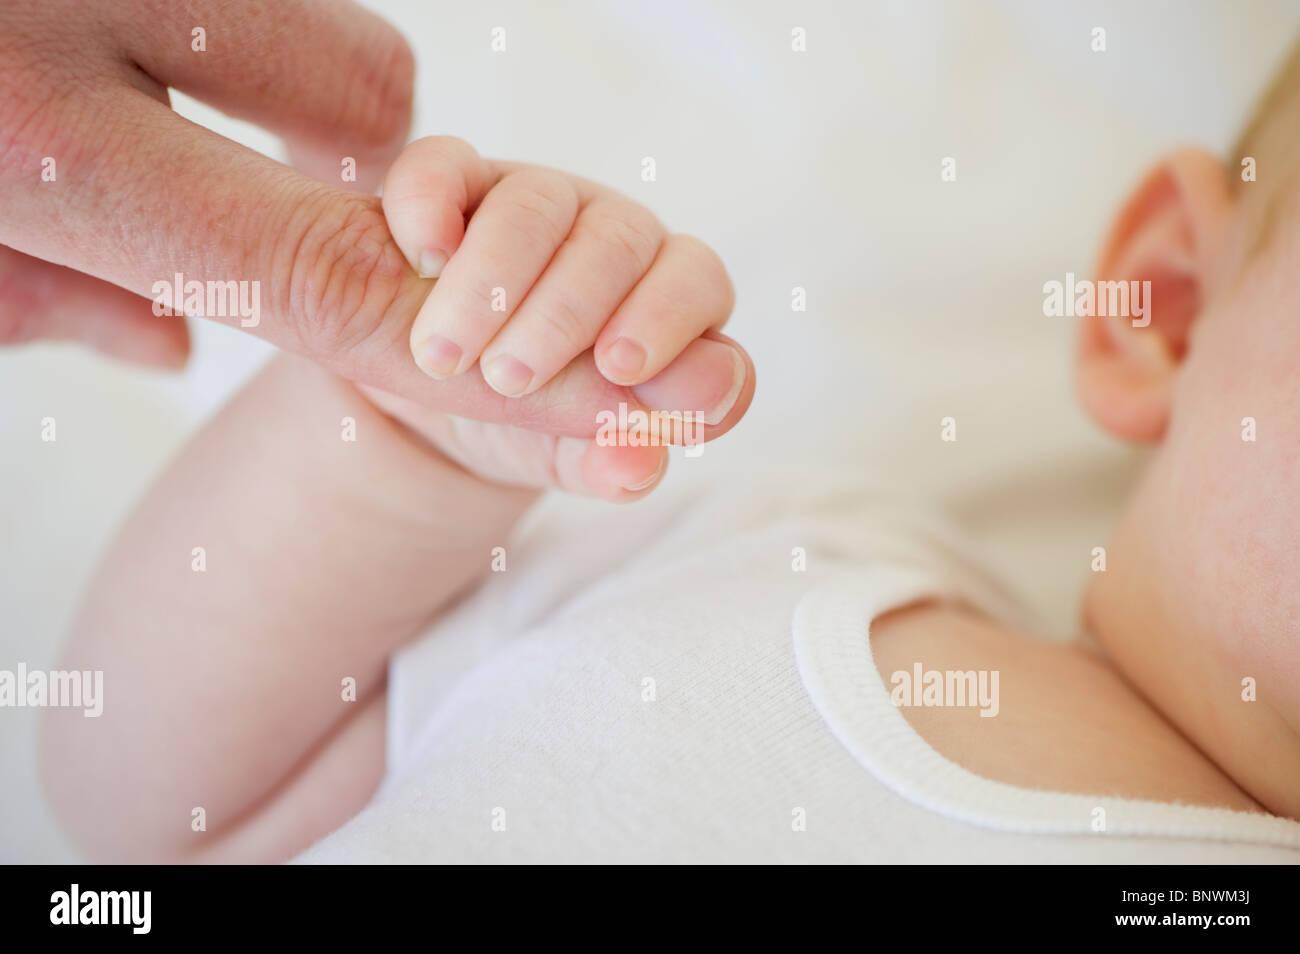 Bebé sujetando el dedo del adulto. Imagen De Stock